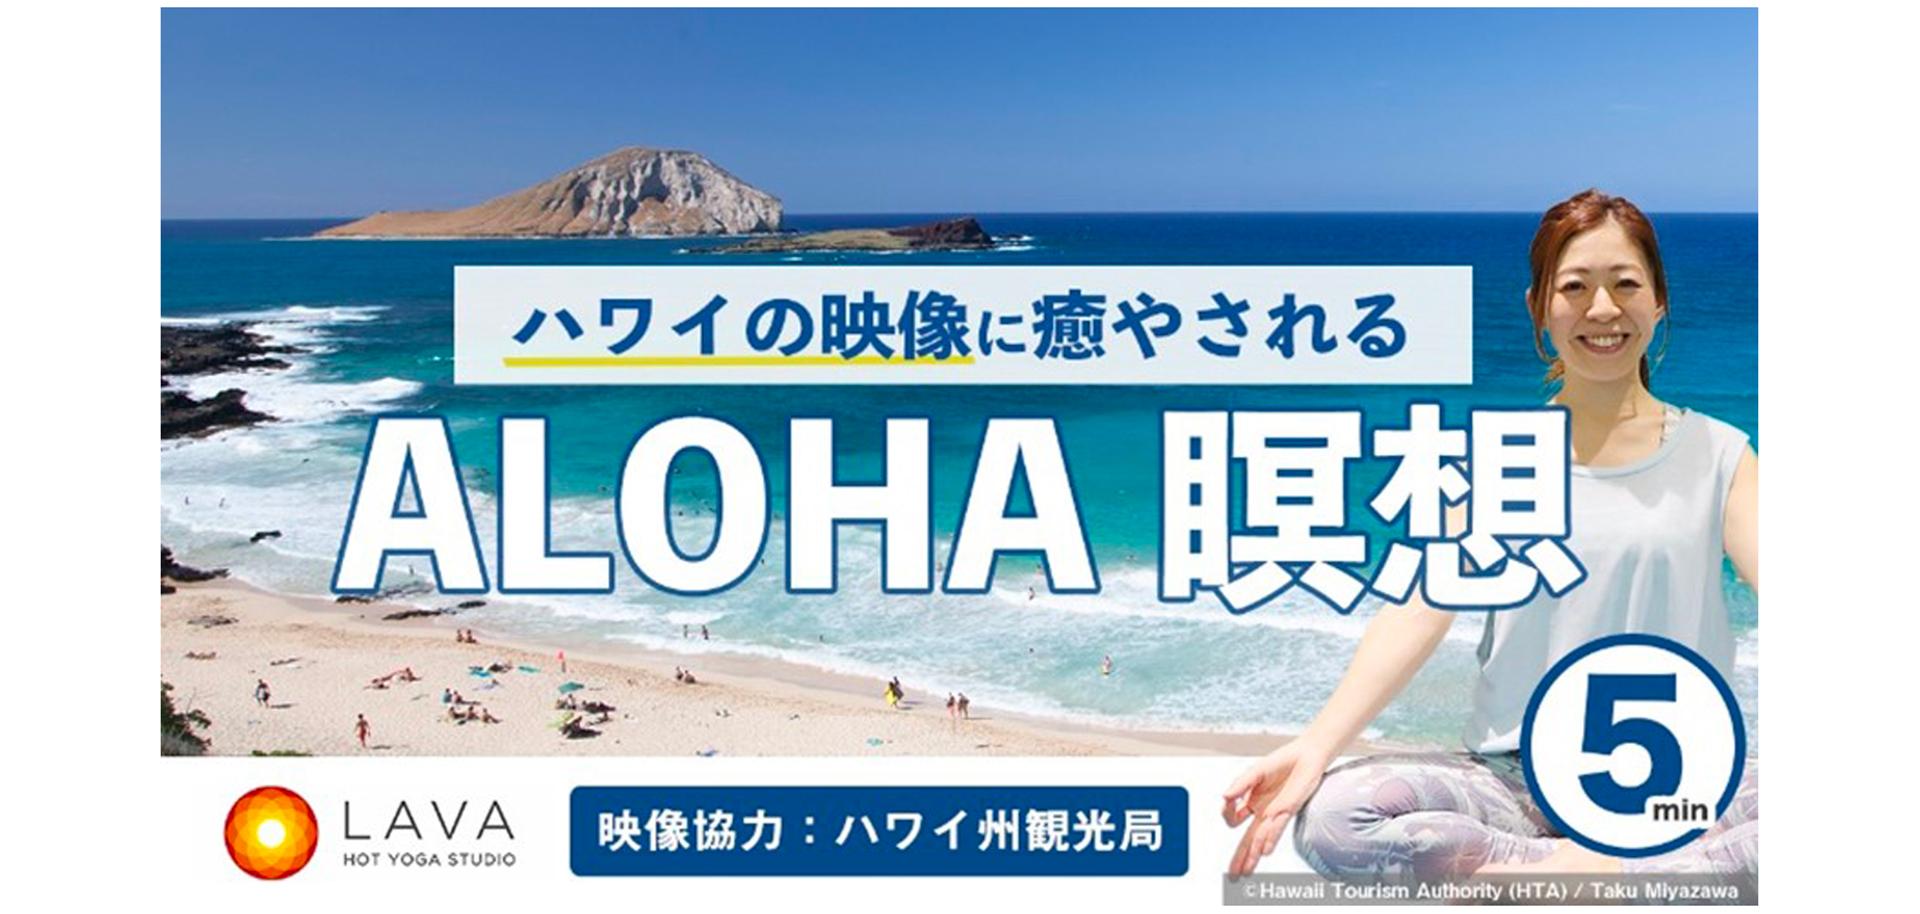 Youtube無料レッスン動画「ALOHA瞑想」